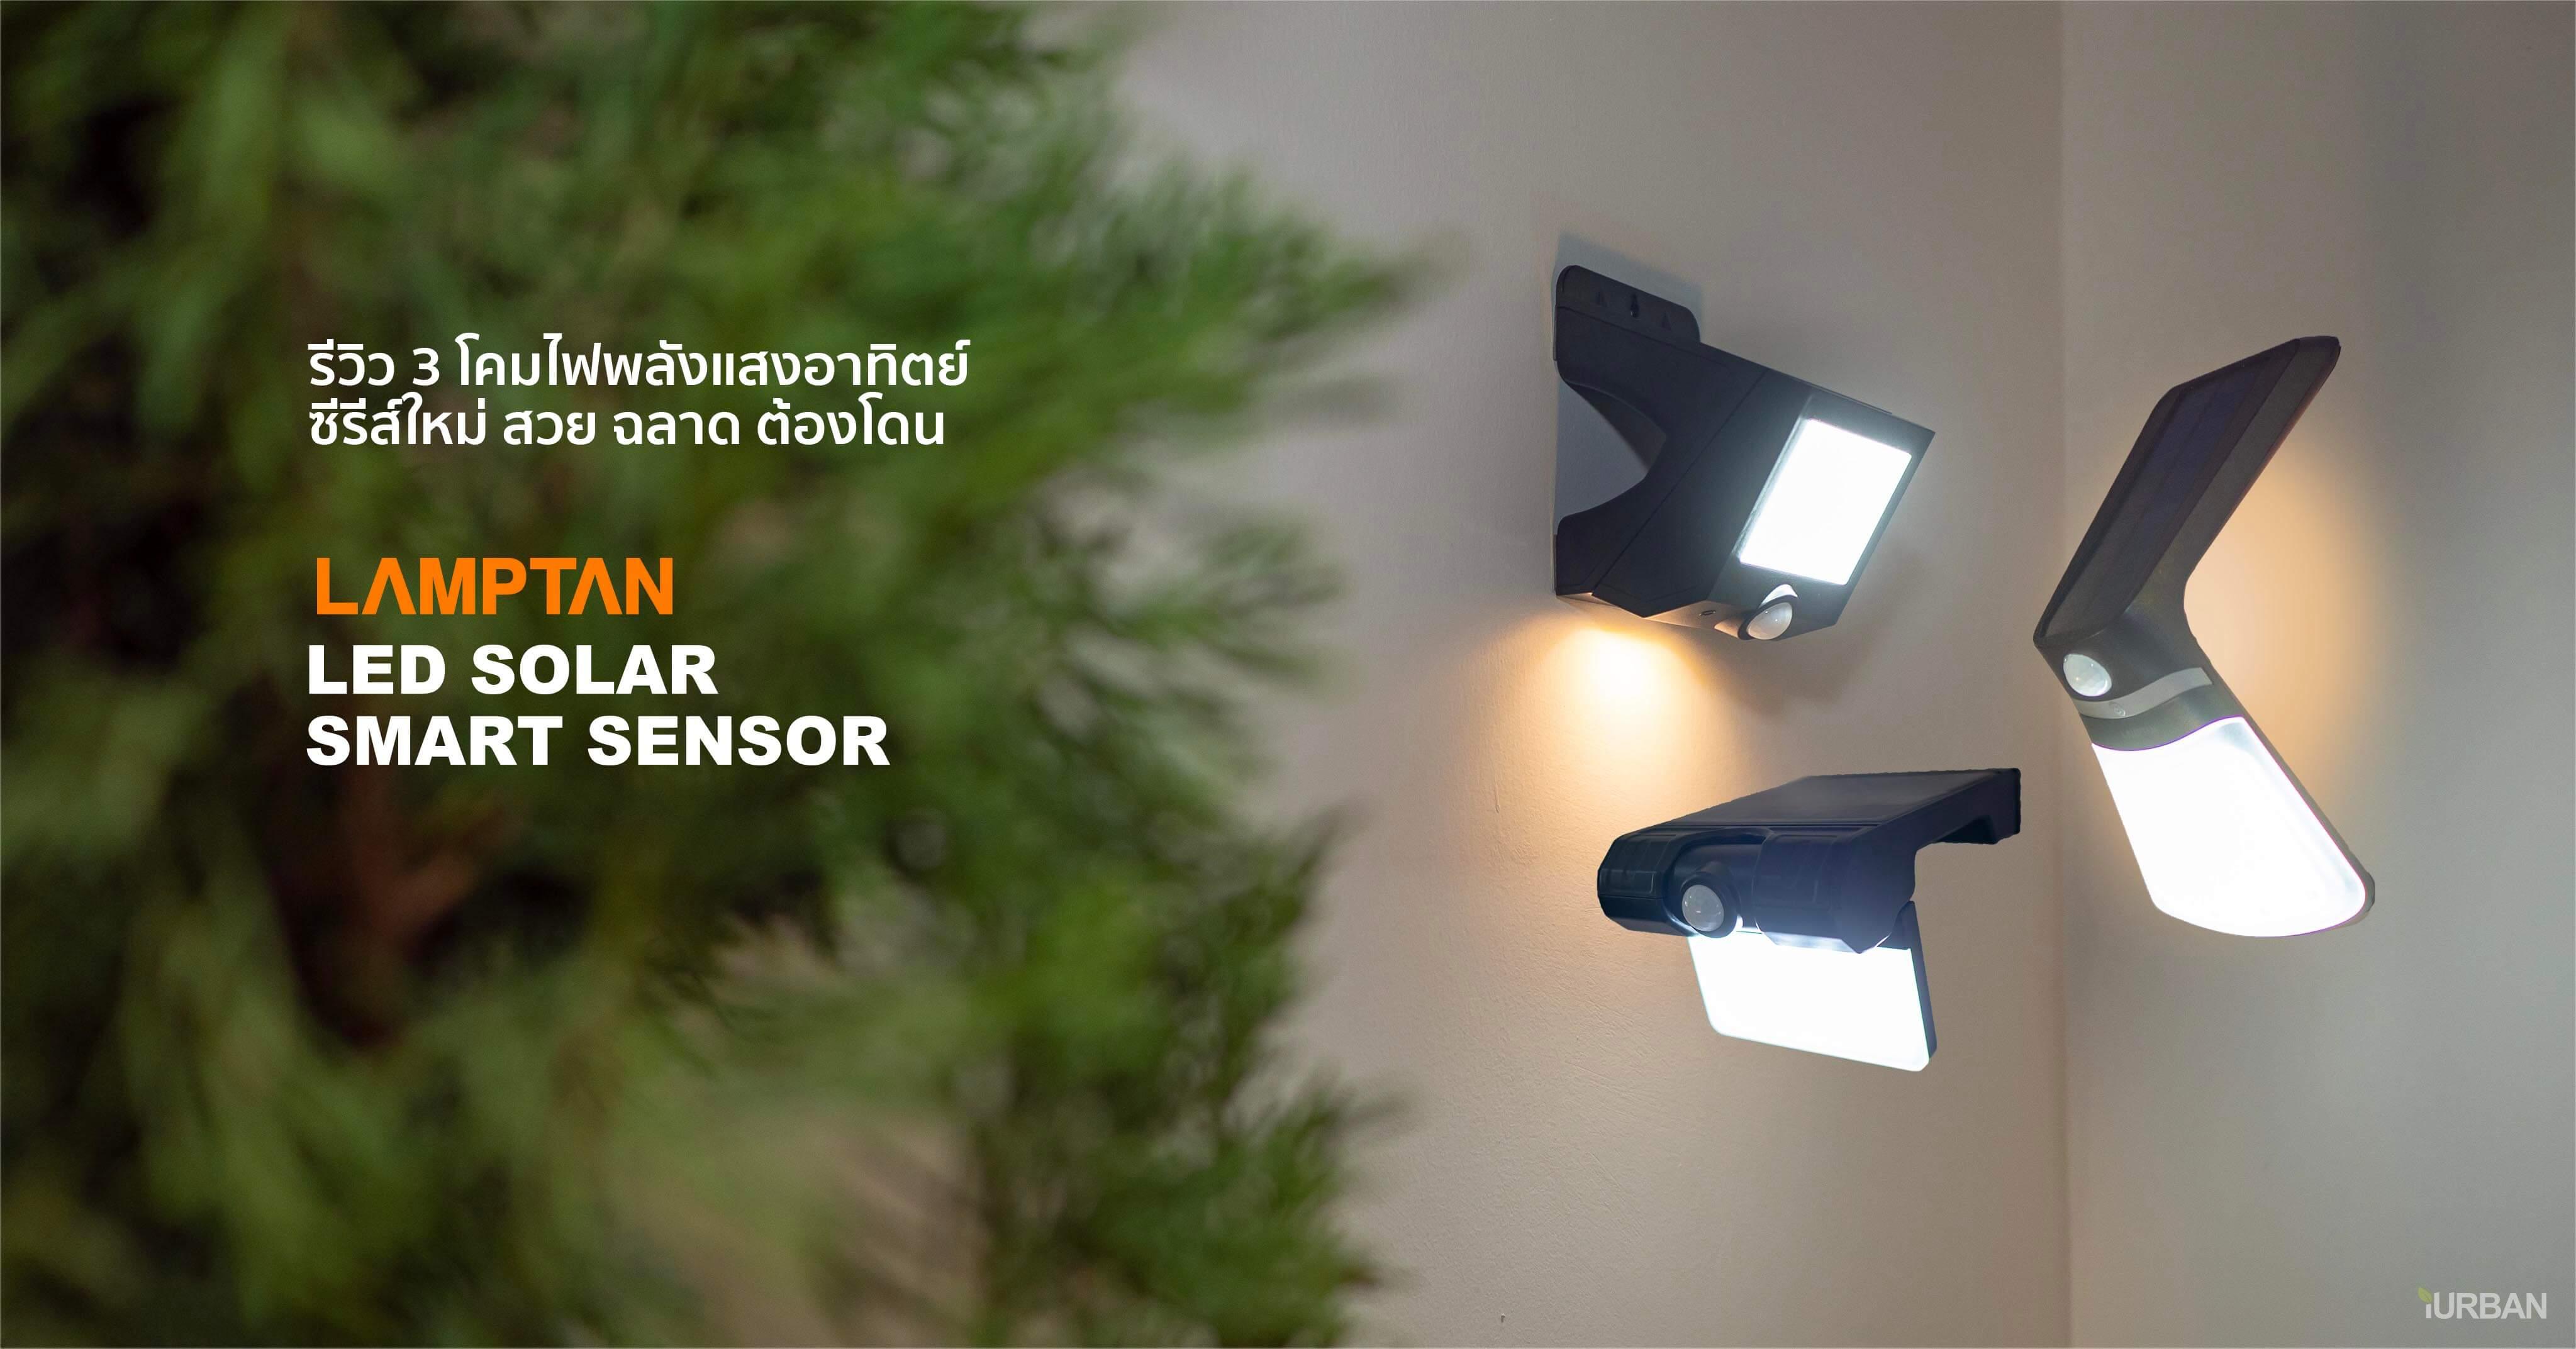 รีวิว 3 โคมไฟพลังงานแสงอาทิตย์ LAMPTAN LED SOLAR SMART SENSOR พร้อมฟังก์ชันใหม่ 2020 13 - cover